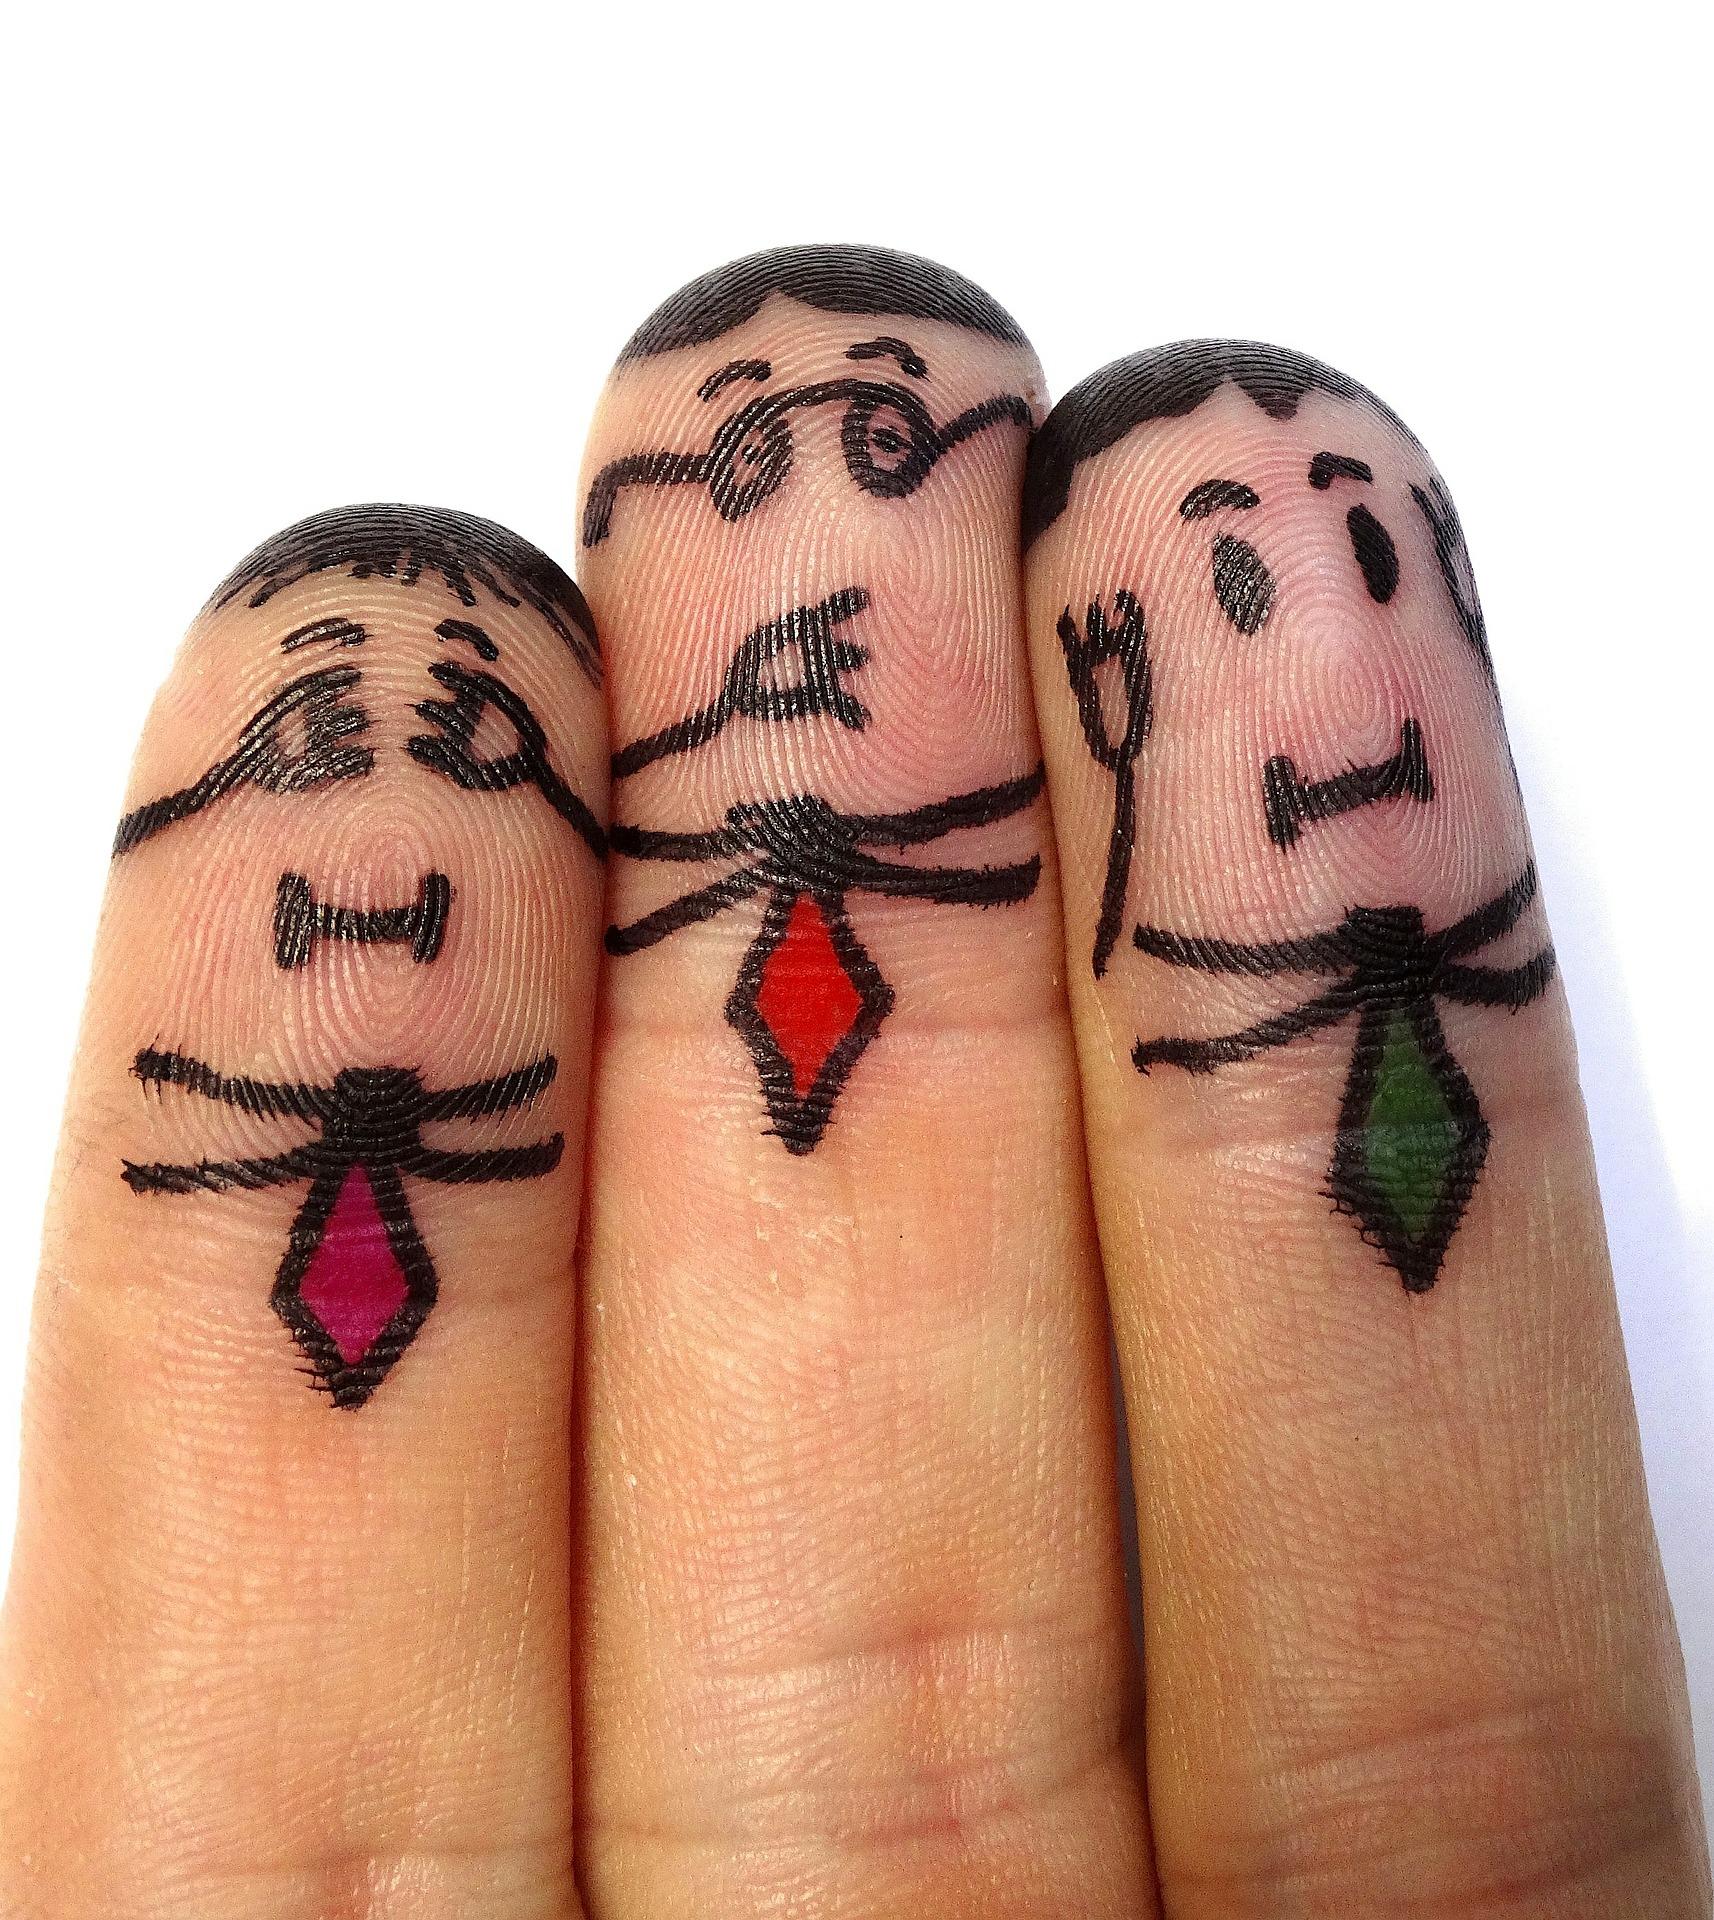 finger-man-451211_1920